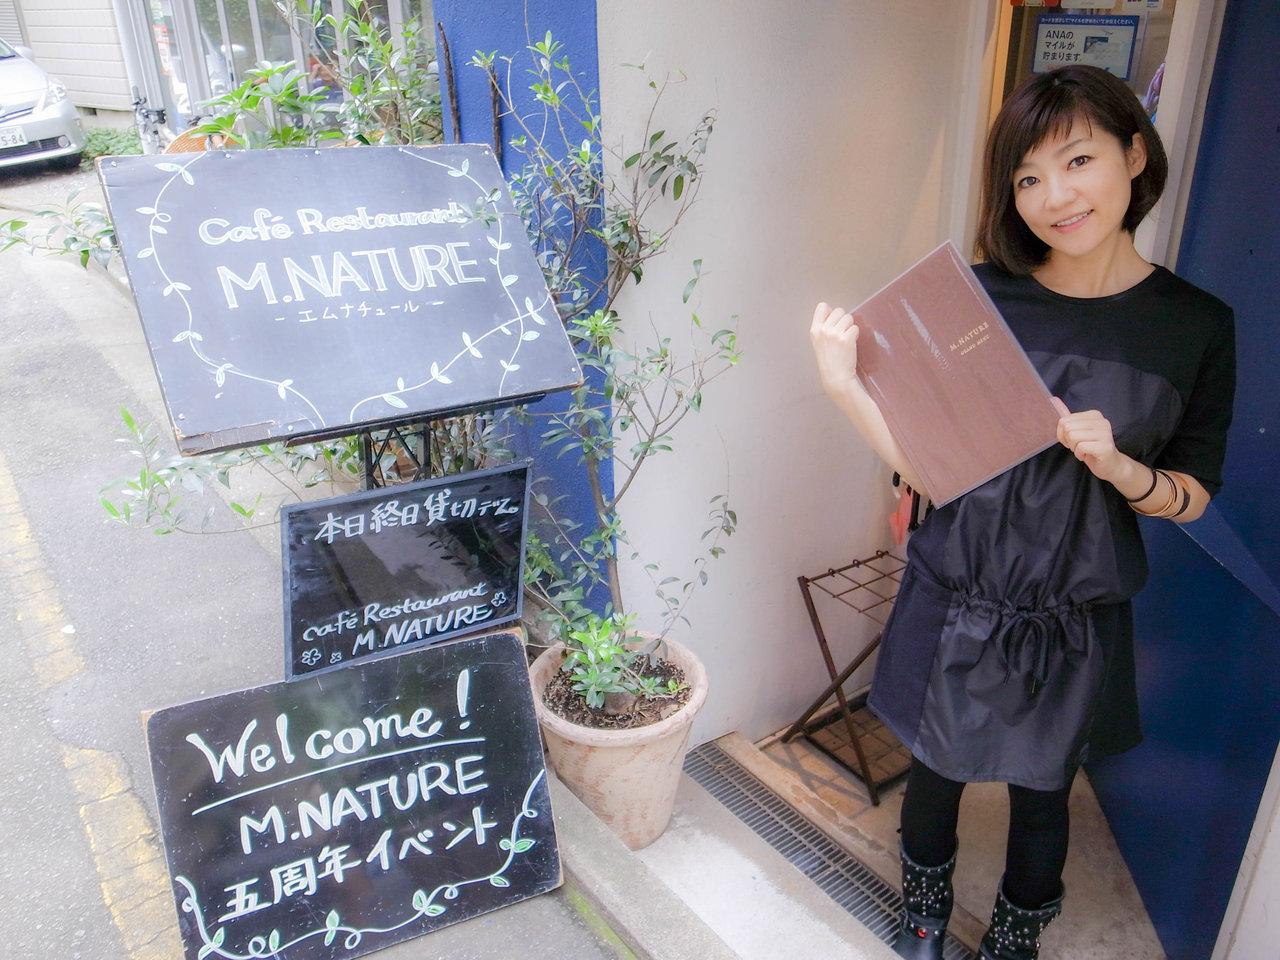 元COCO宮前真樹さんのカフェレストラン「M.Nature」が5周年で新メニュー登場